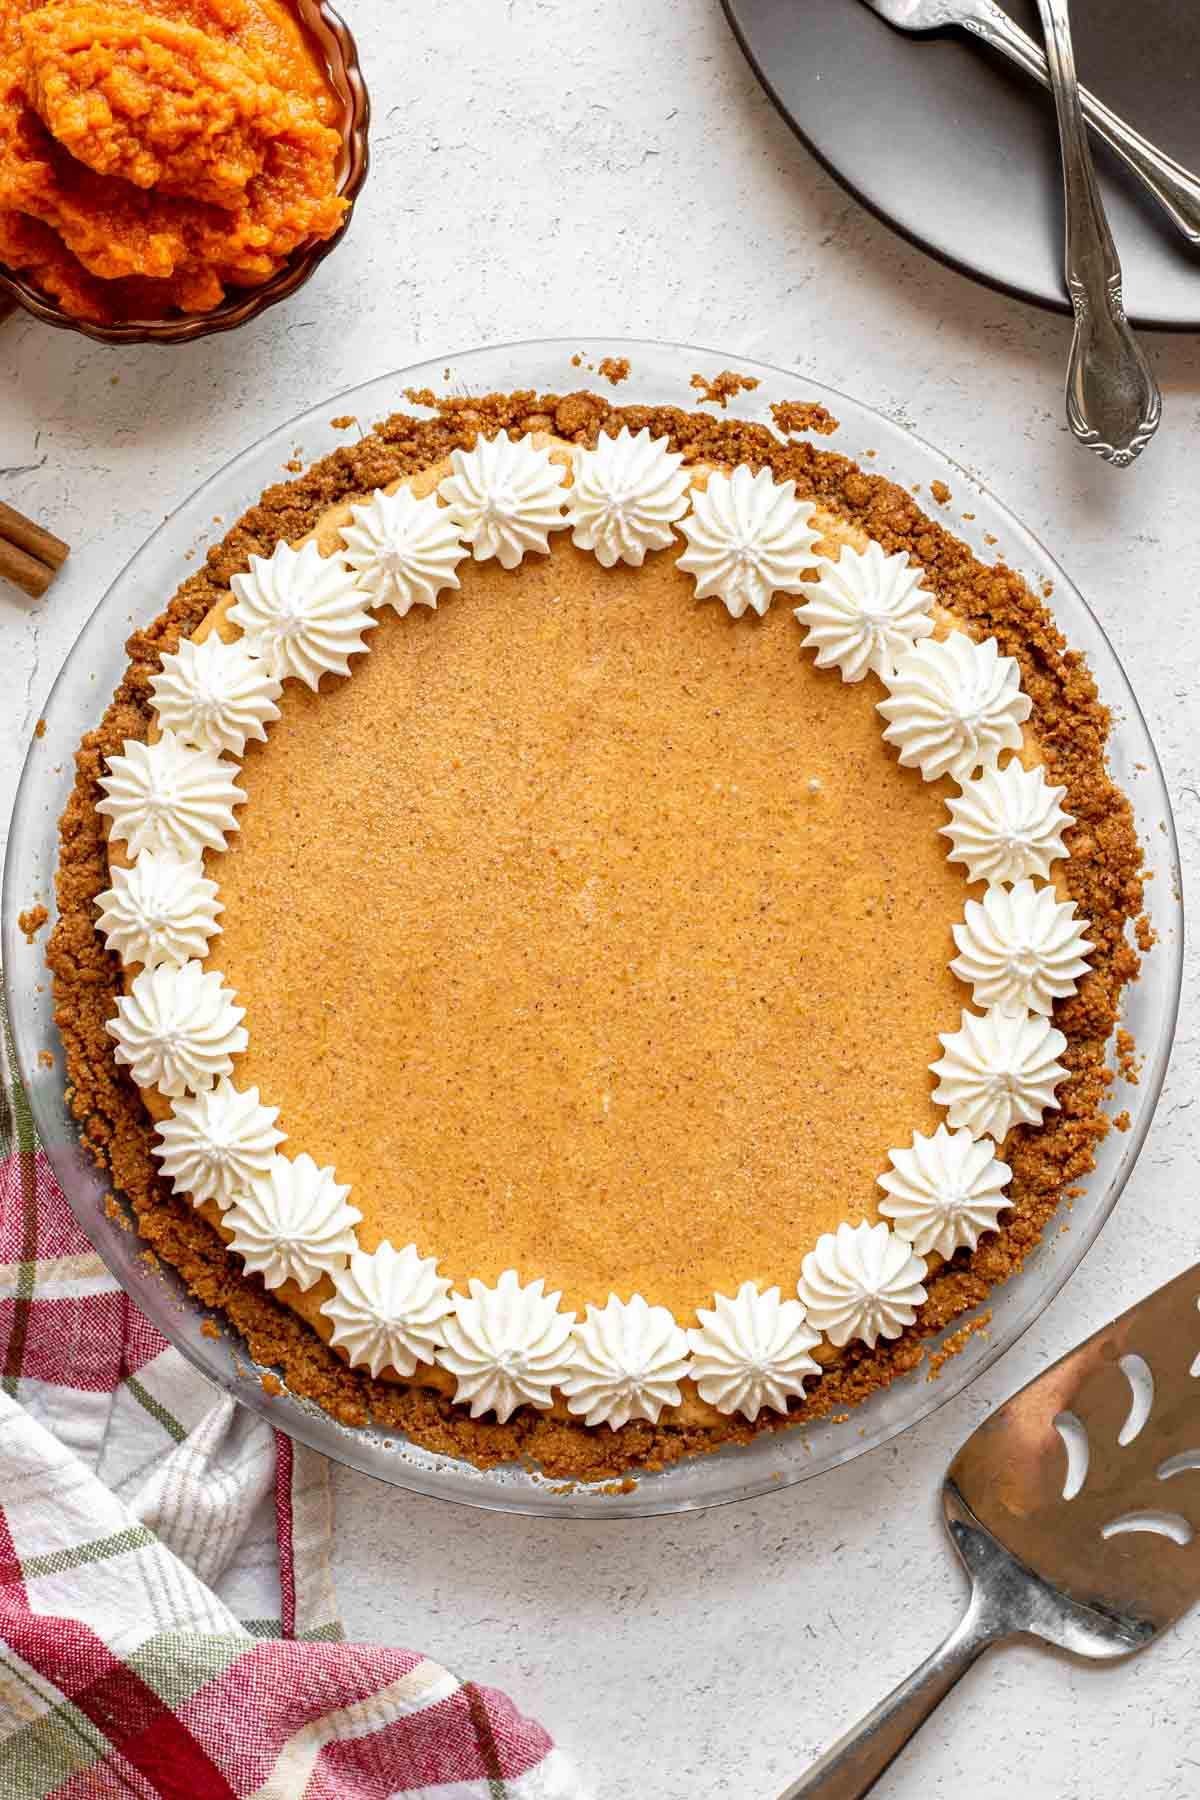 Frozen Pumpkin Ice Cream Pie finished with whip cream stars around crust edge